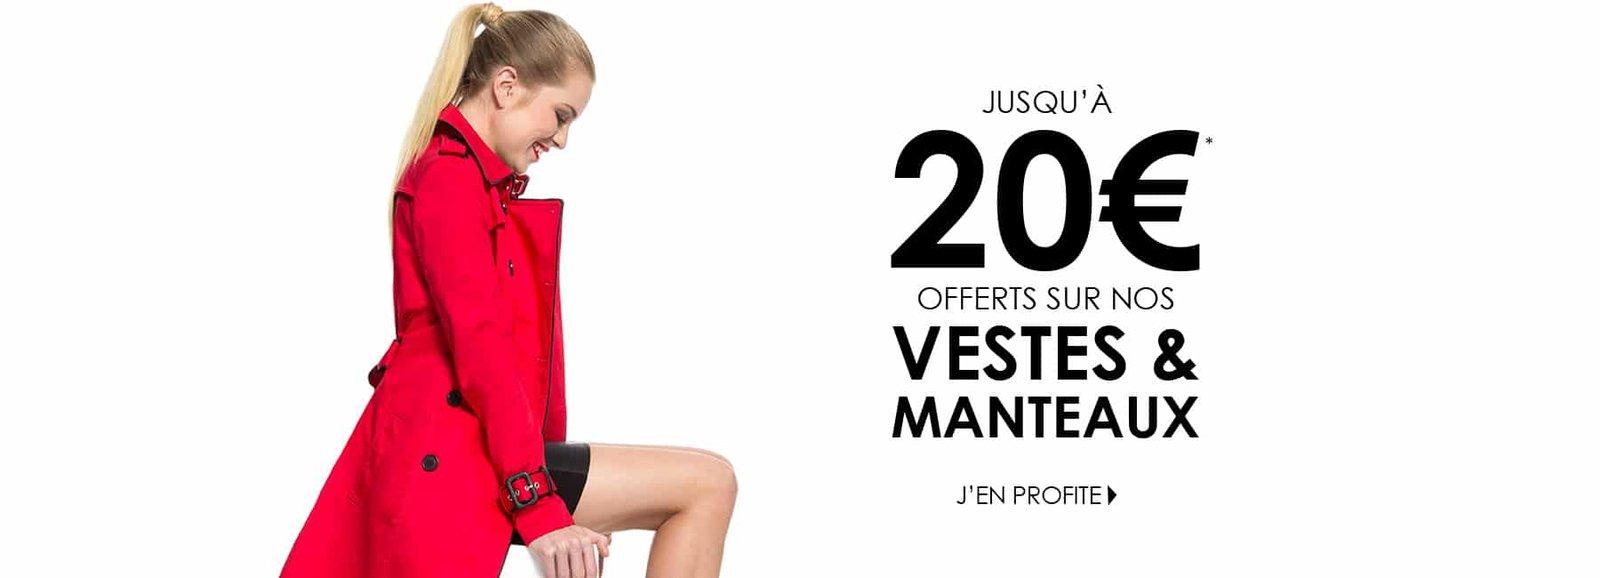 Choisir son look pour le printemps 2015 (www.lacity.fr)